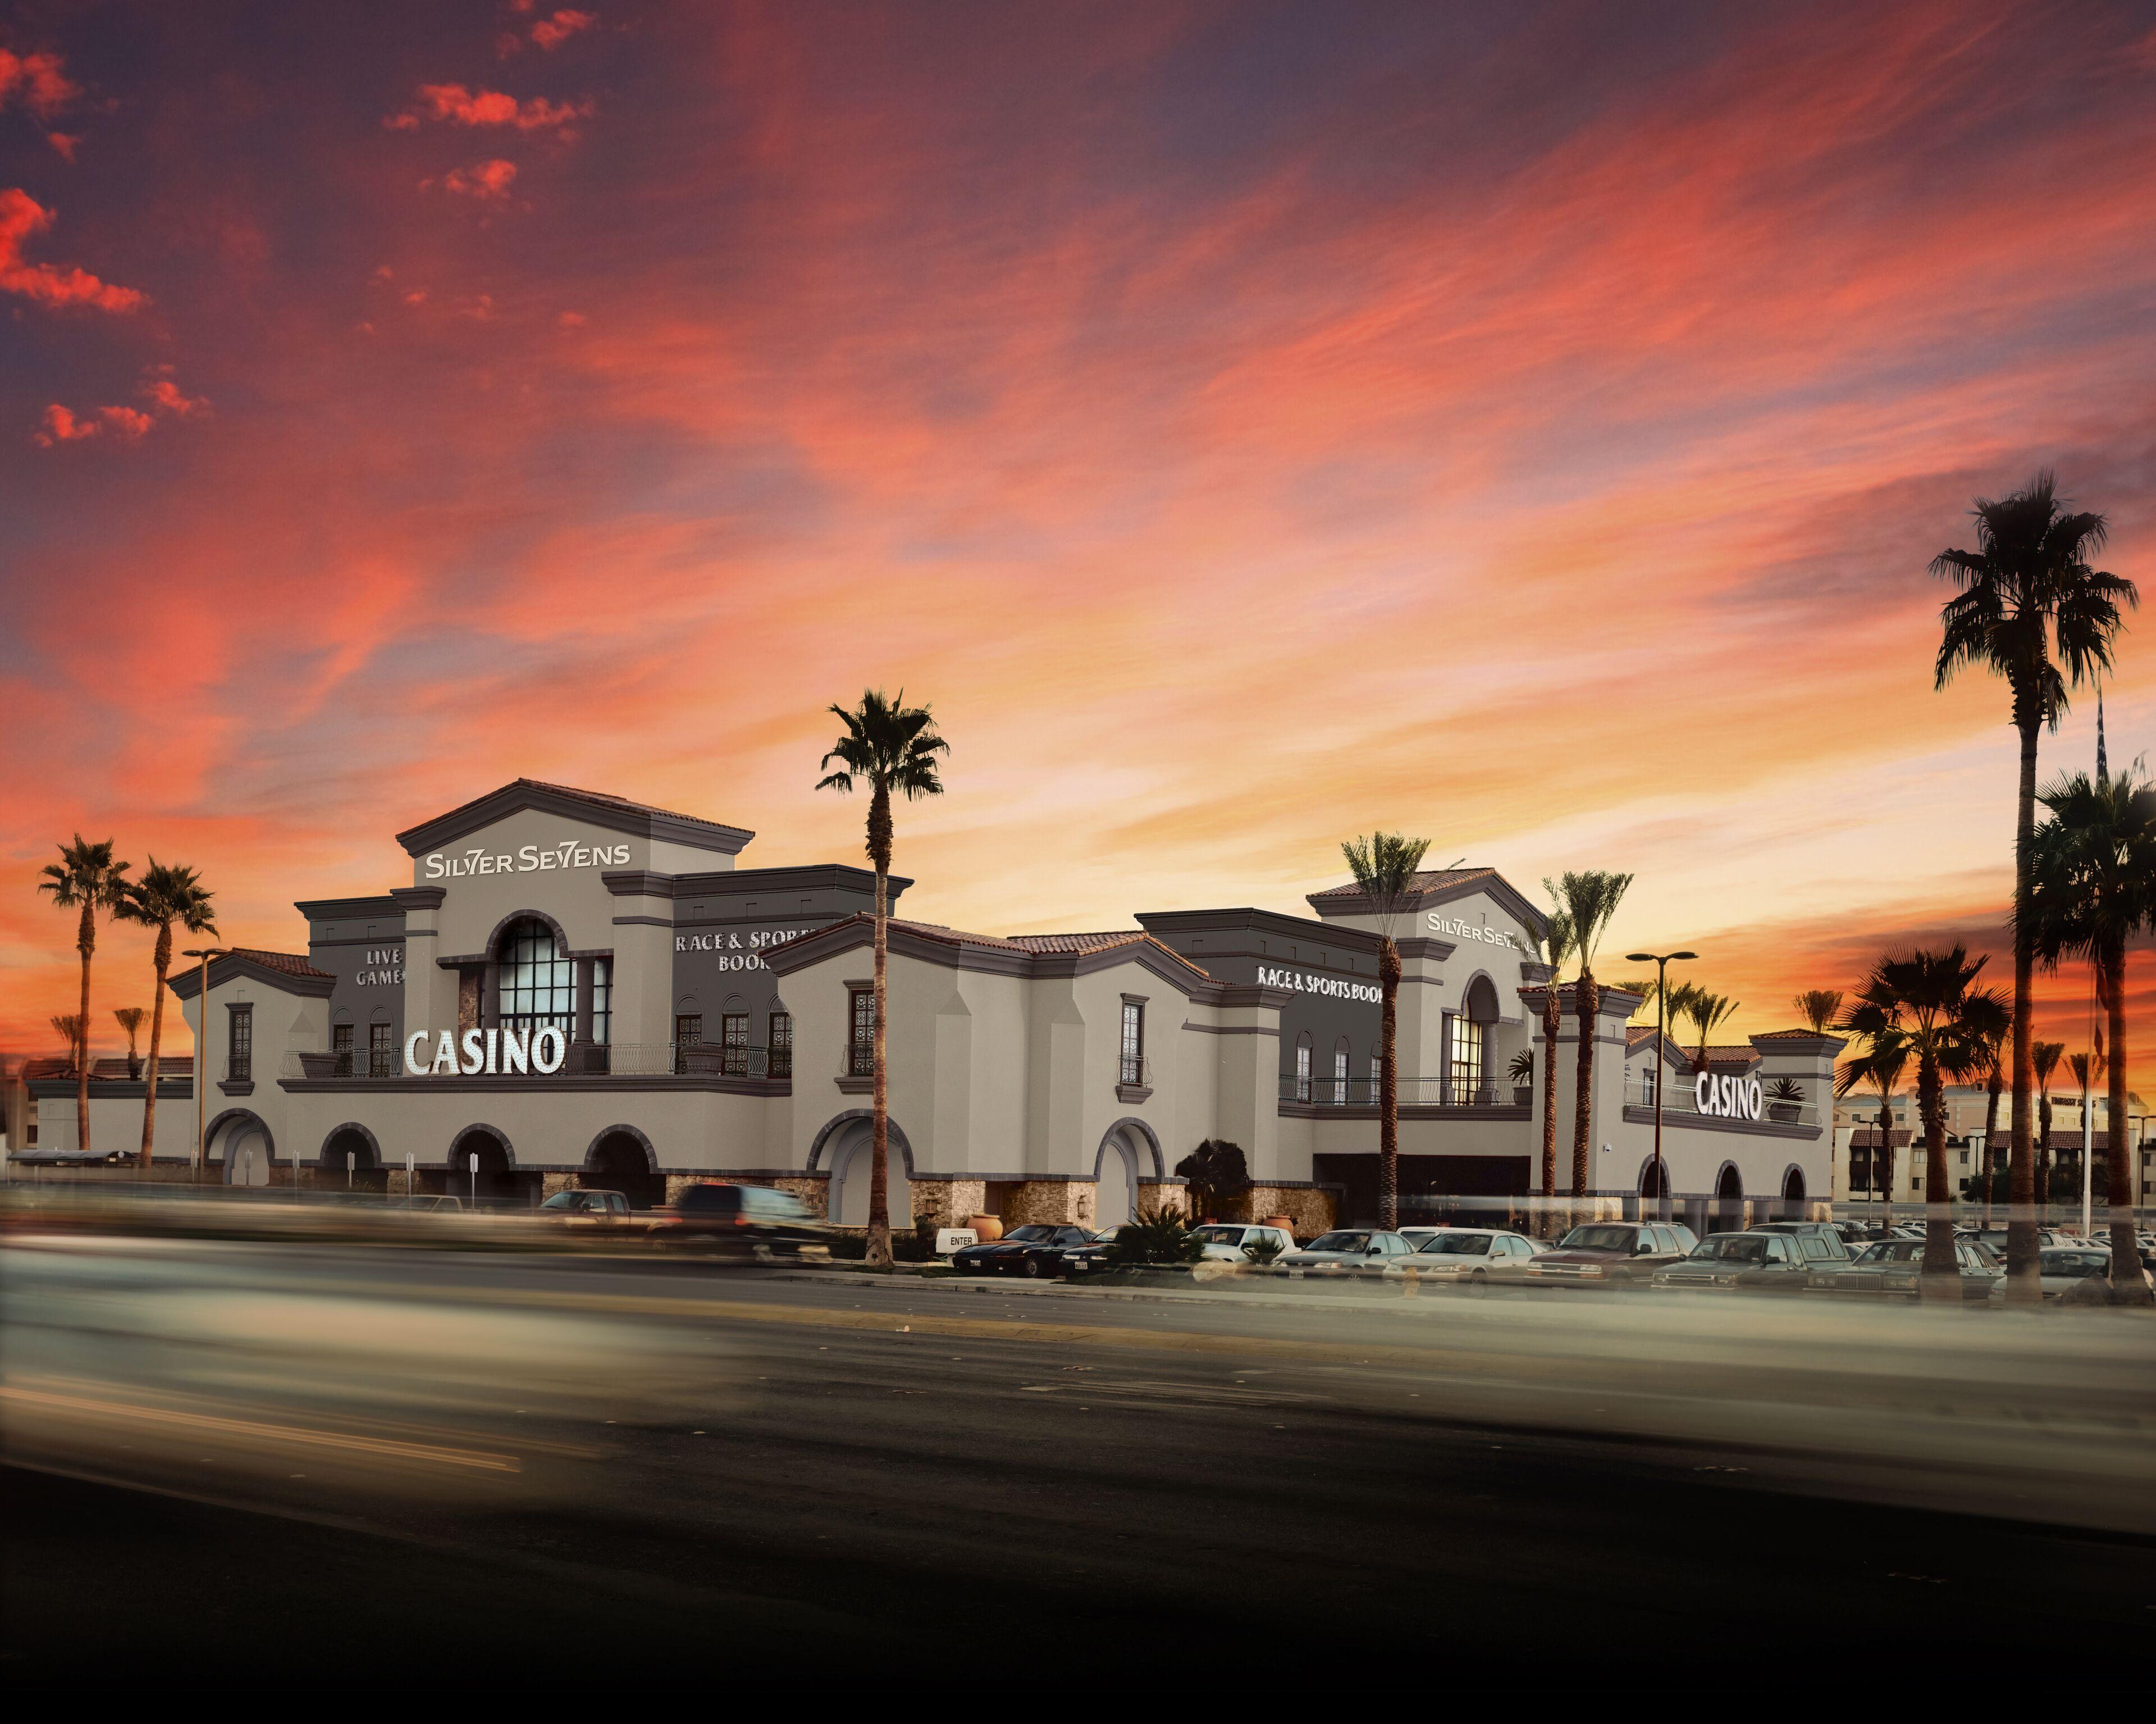 Silver Seven Hotel & Casino